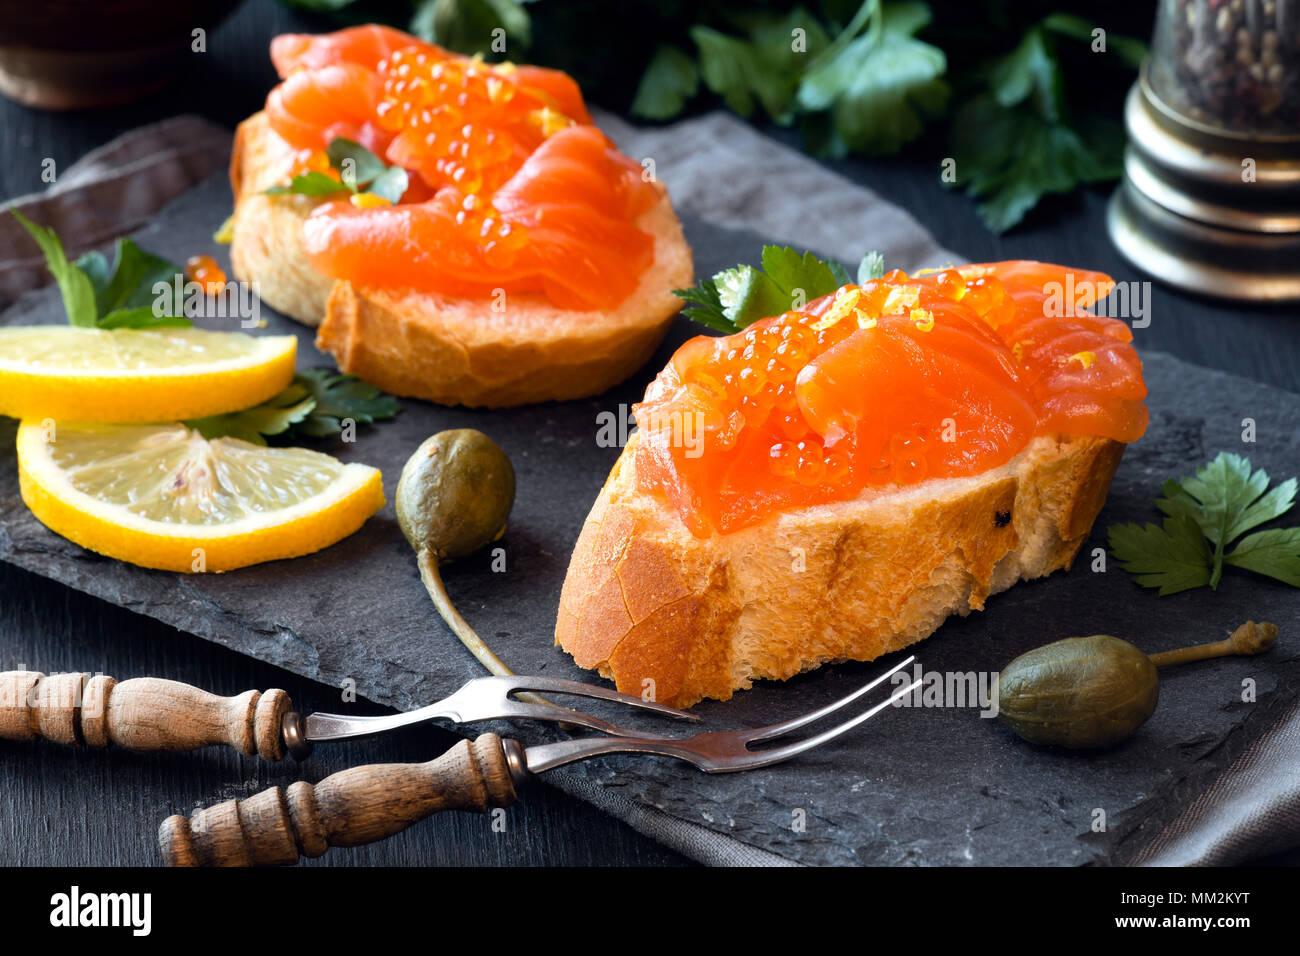 Canape Sandwiches mit geräuchertem Lachs und Kaviar oder samlon Eier auf schwarzem Schiefer mit Petersilie und Kapern Stockfoto